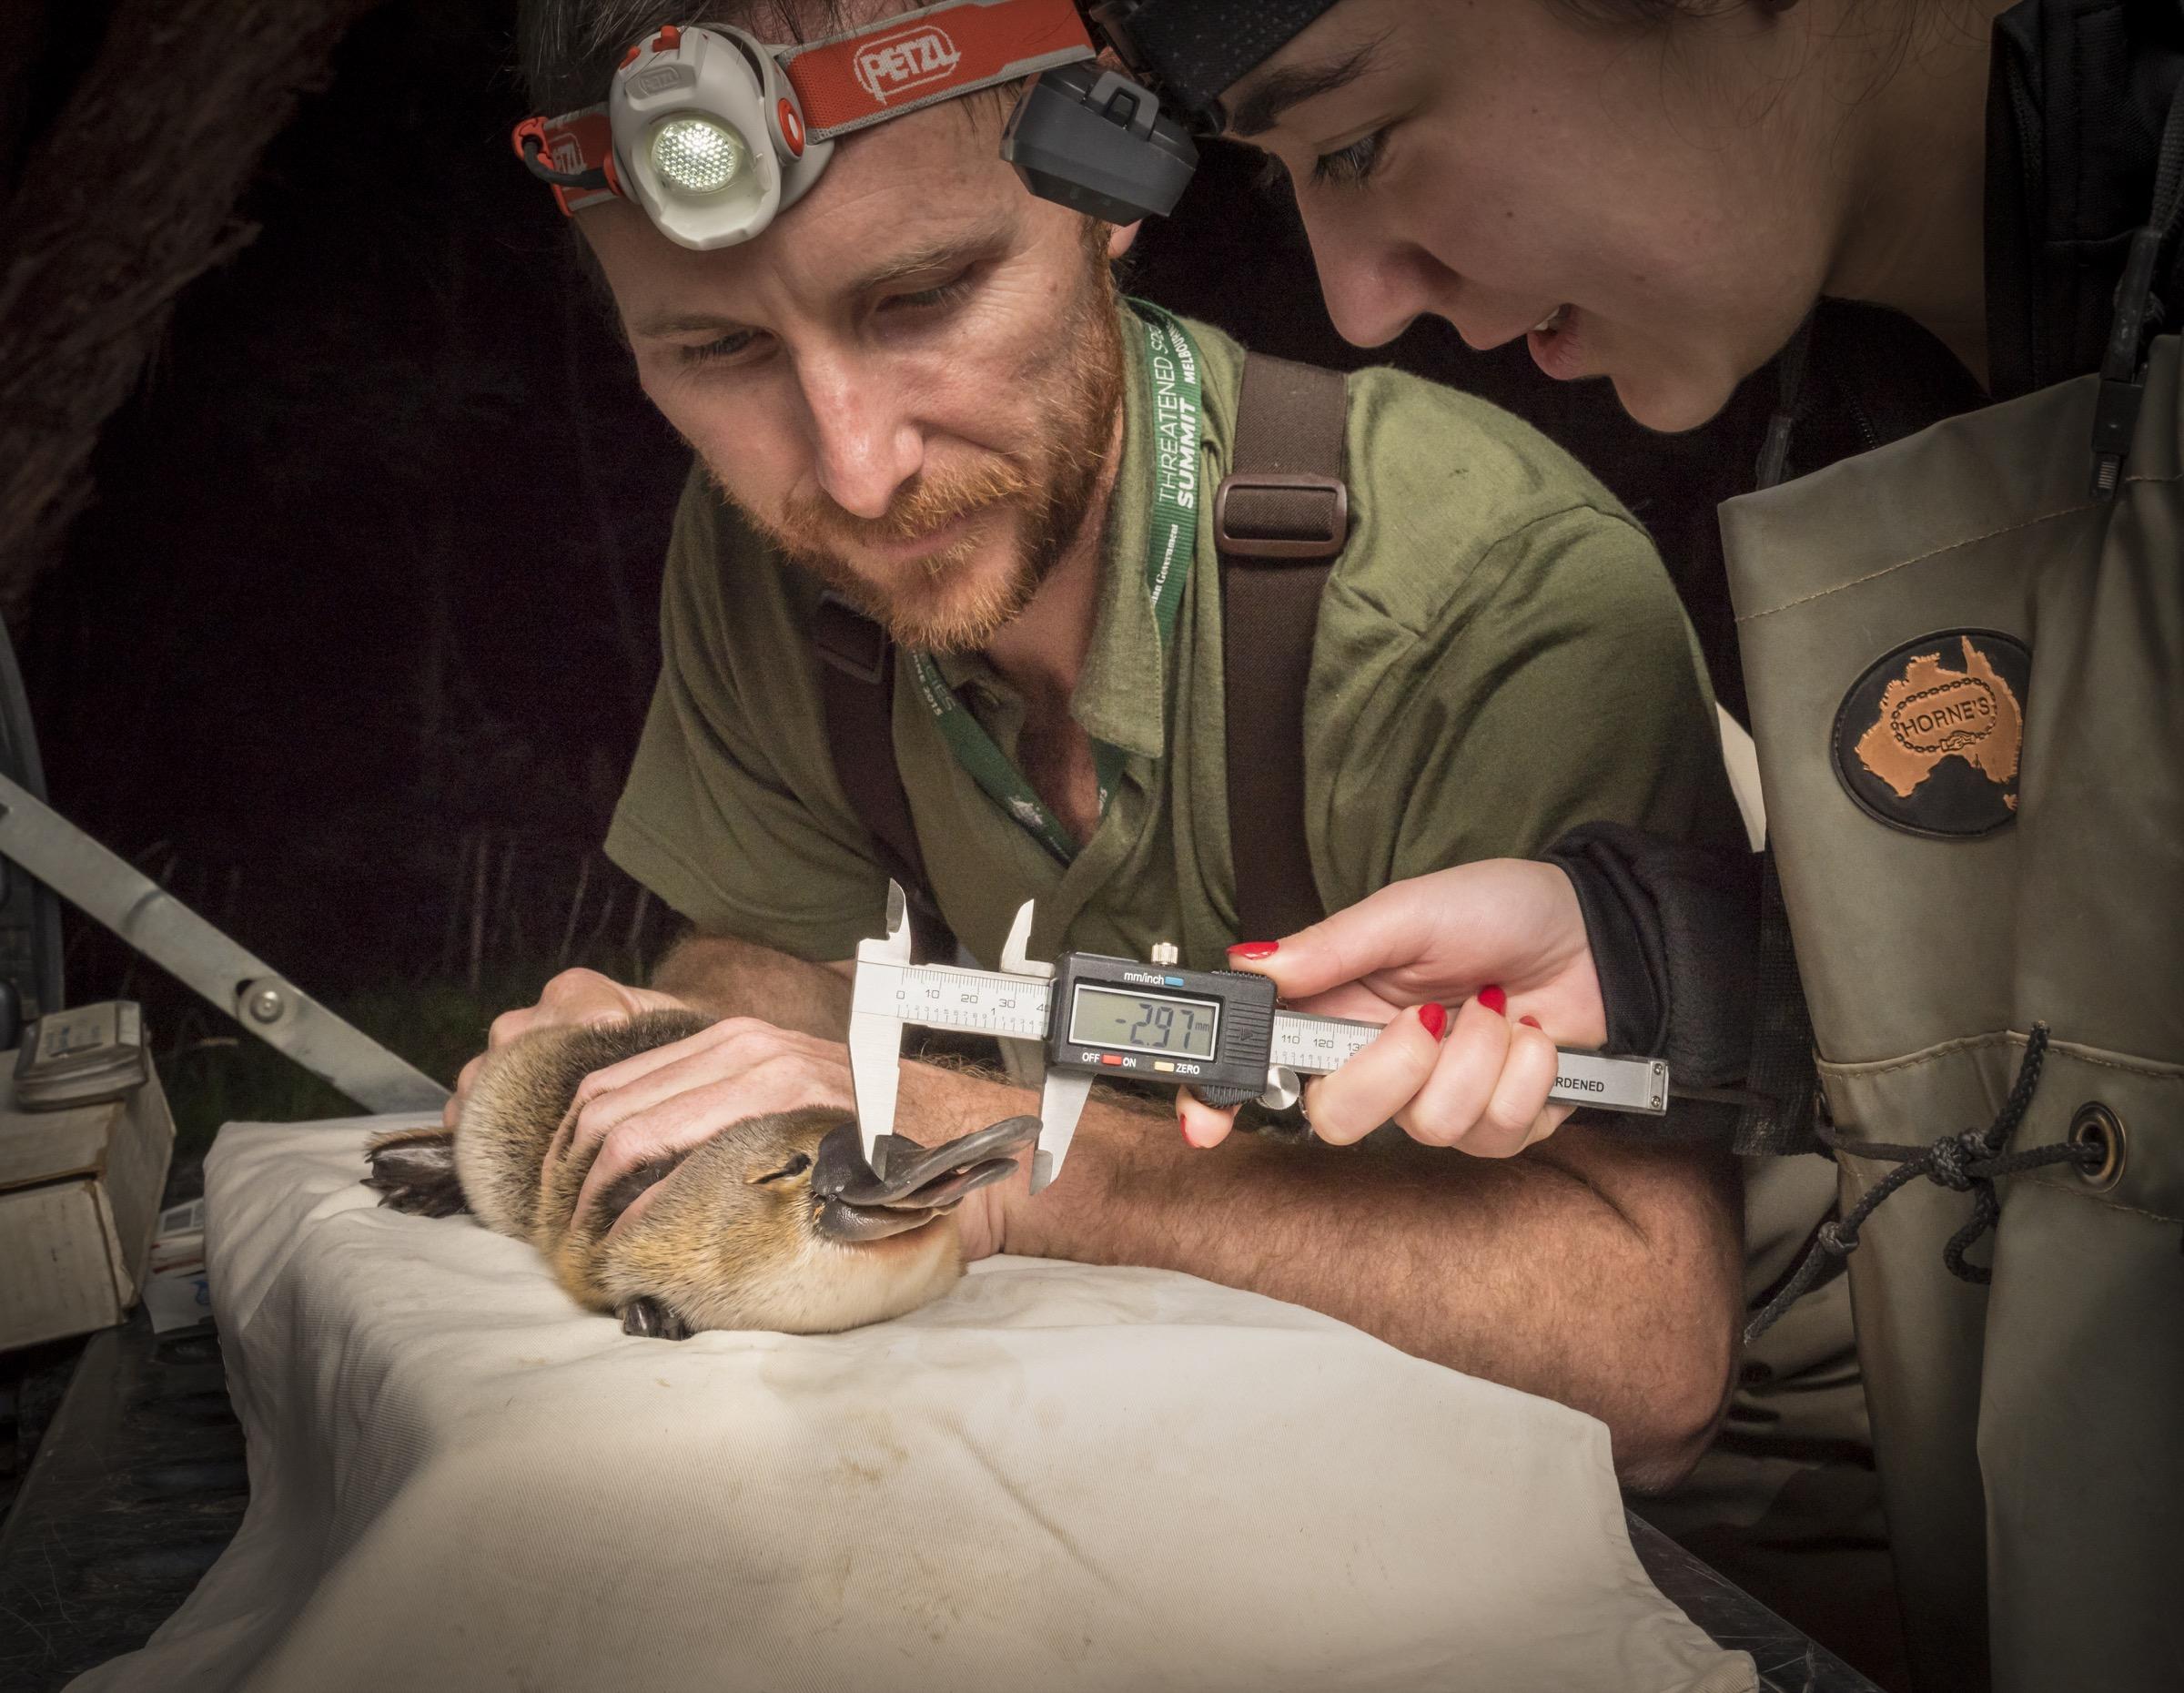 El ecologista Joshua Griffiths sostiene un ornitorrinco mientras un asistente de campo se prepara para medir la cuenta del animal.  El ornitorrinco fue capturado como parte de un estudio de Melbourne Water para monitorear a la población local.